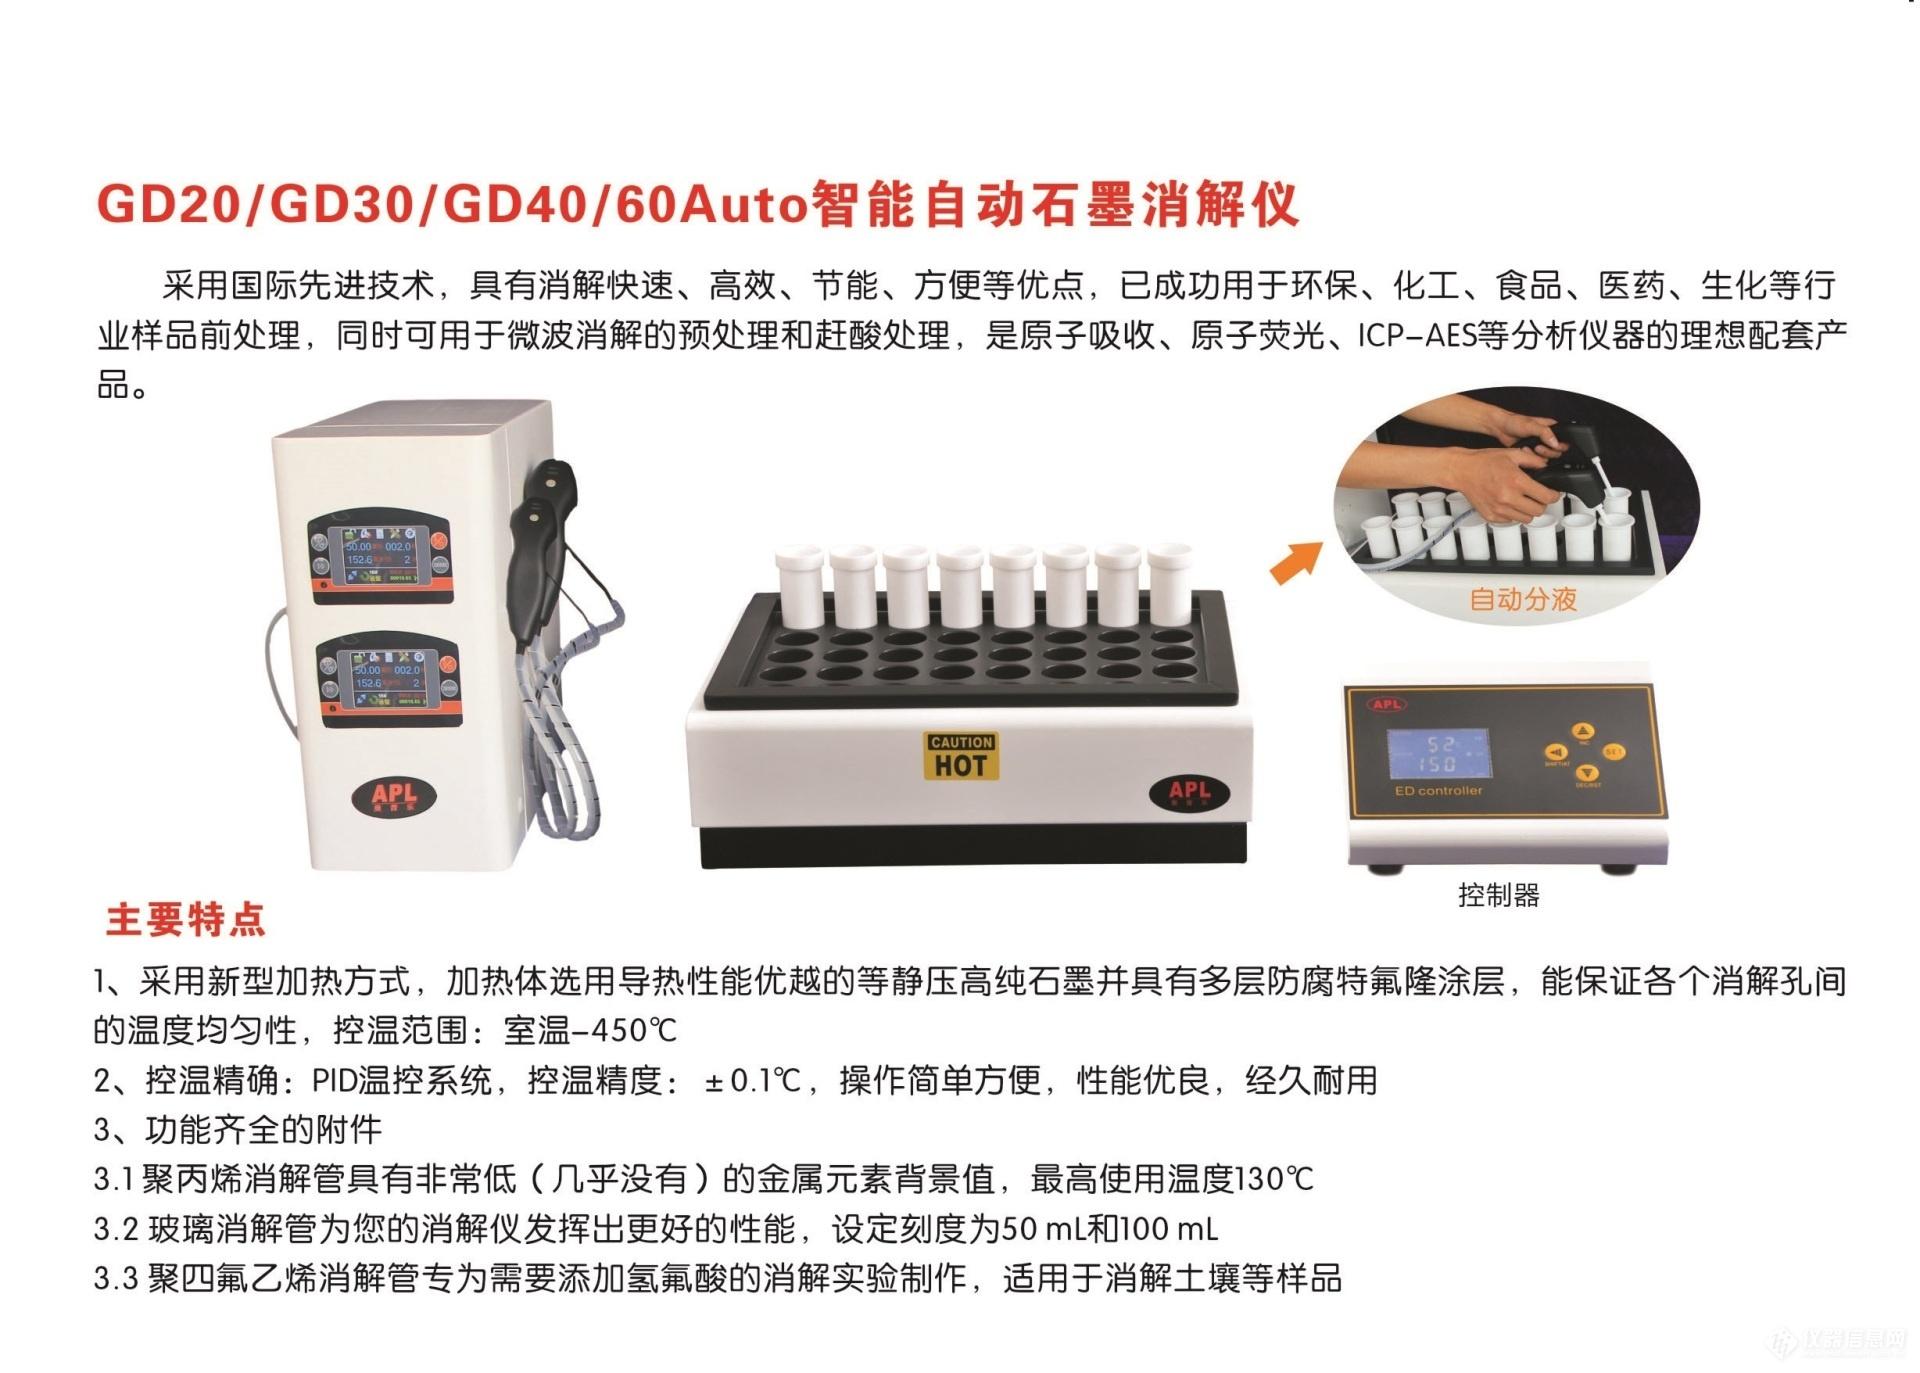 APL奥普乐GD60Auto智能自动石墨 ...